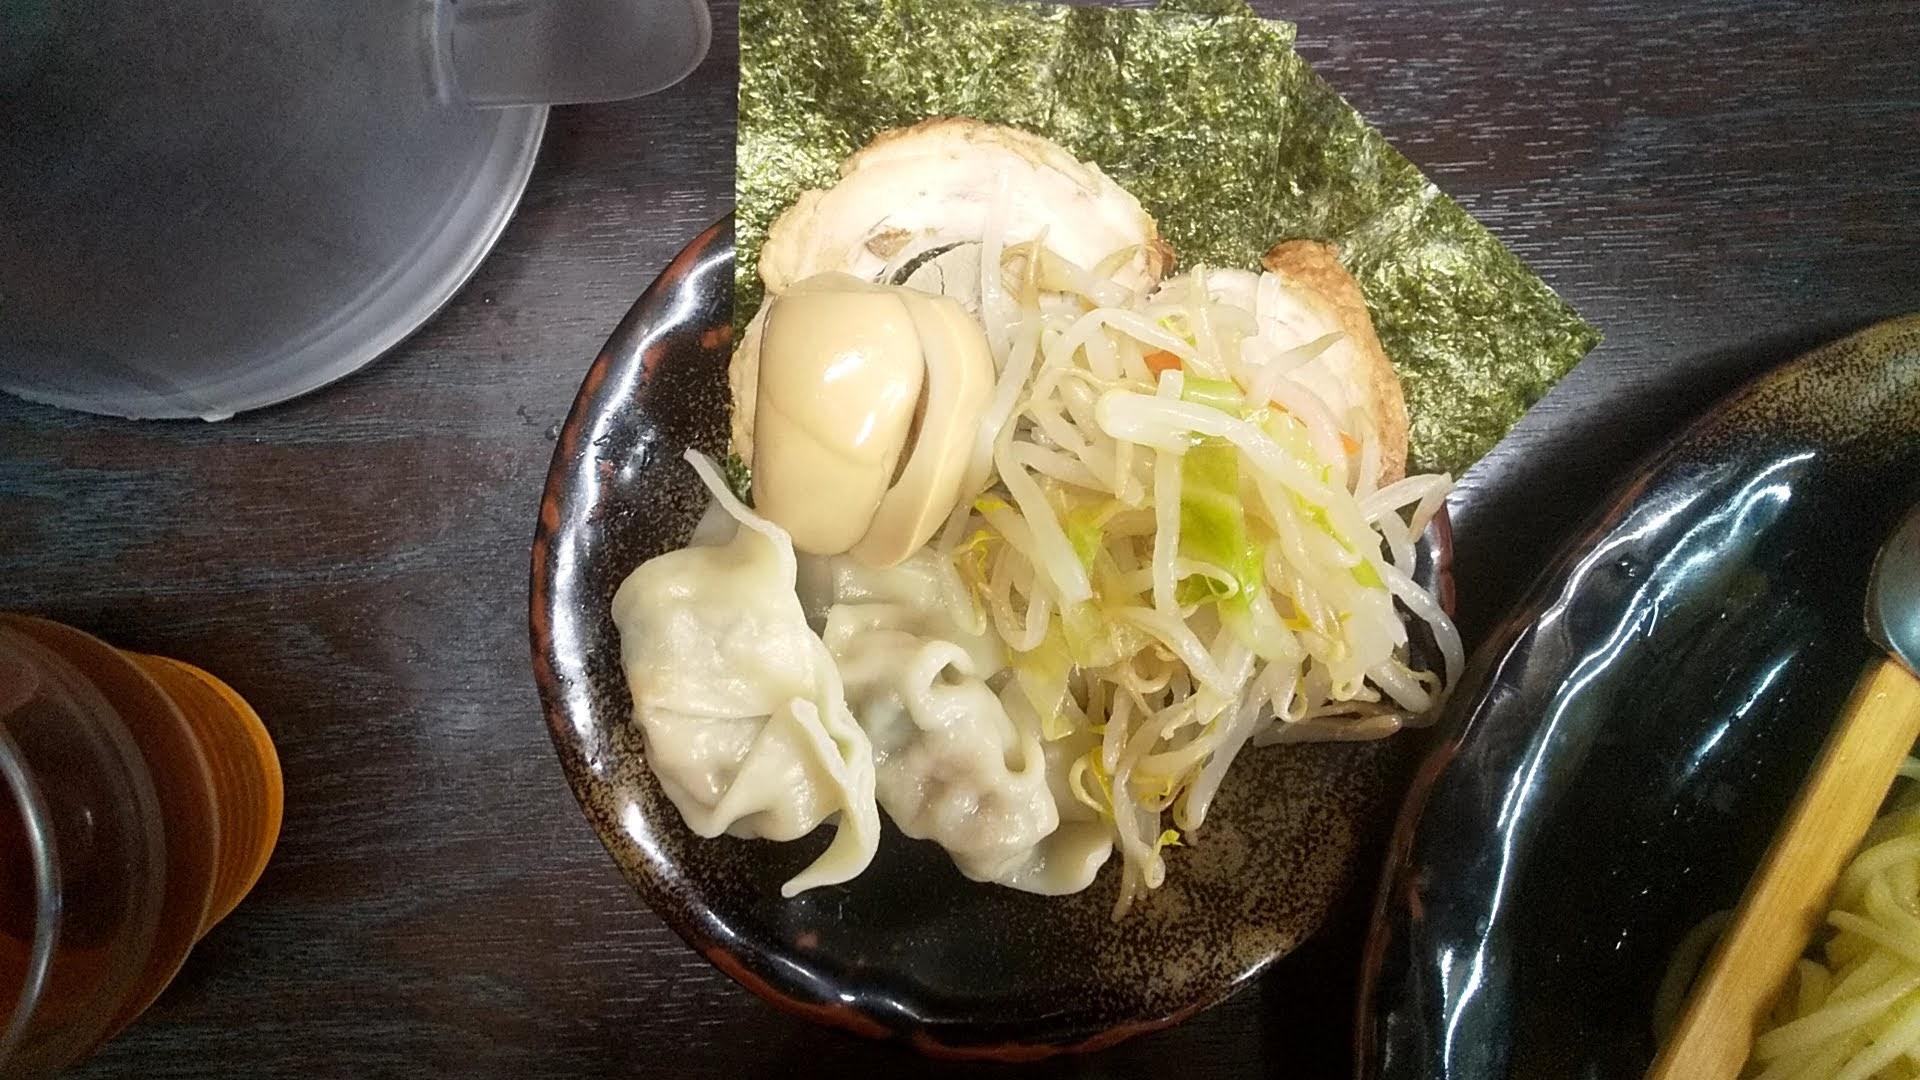 つけ麺隅田の全部のせ醤油つけ麺のトッピング